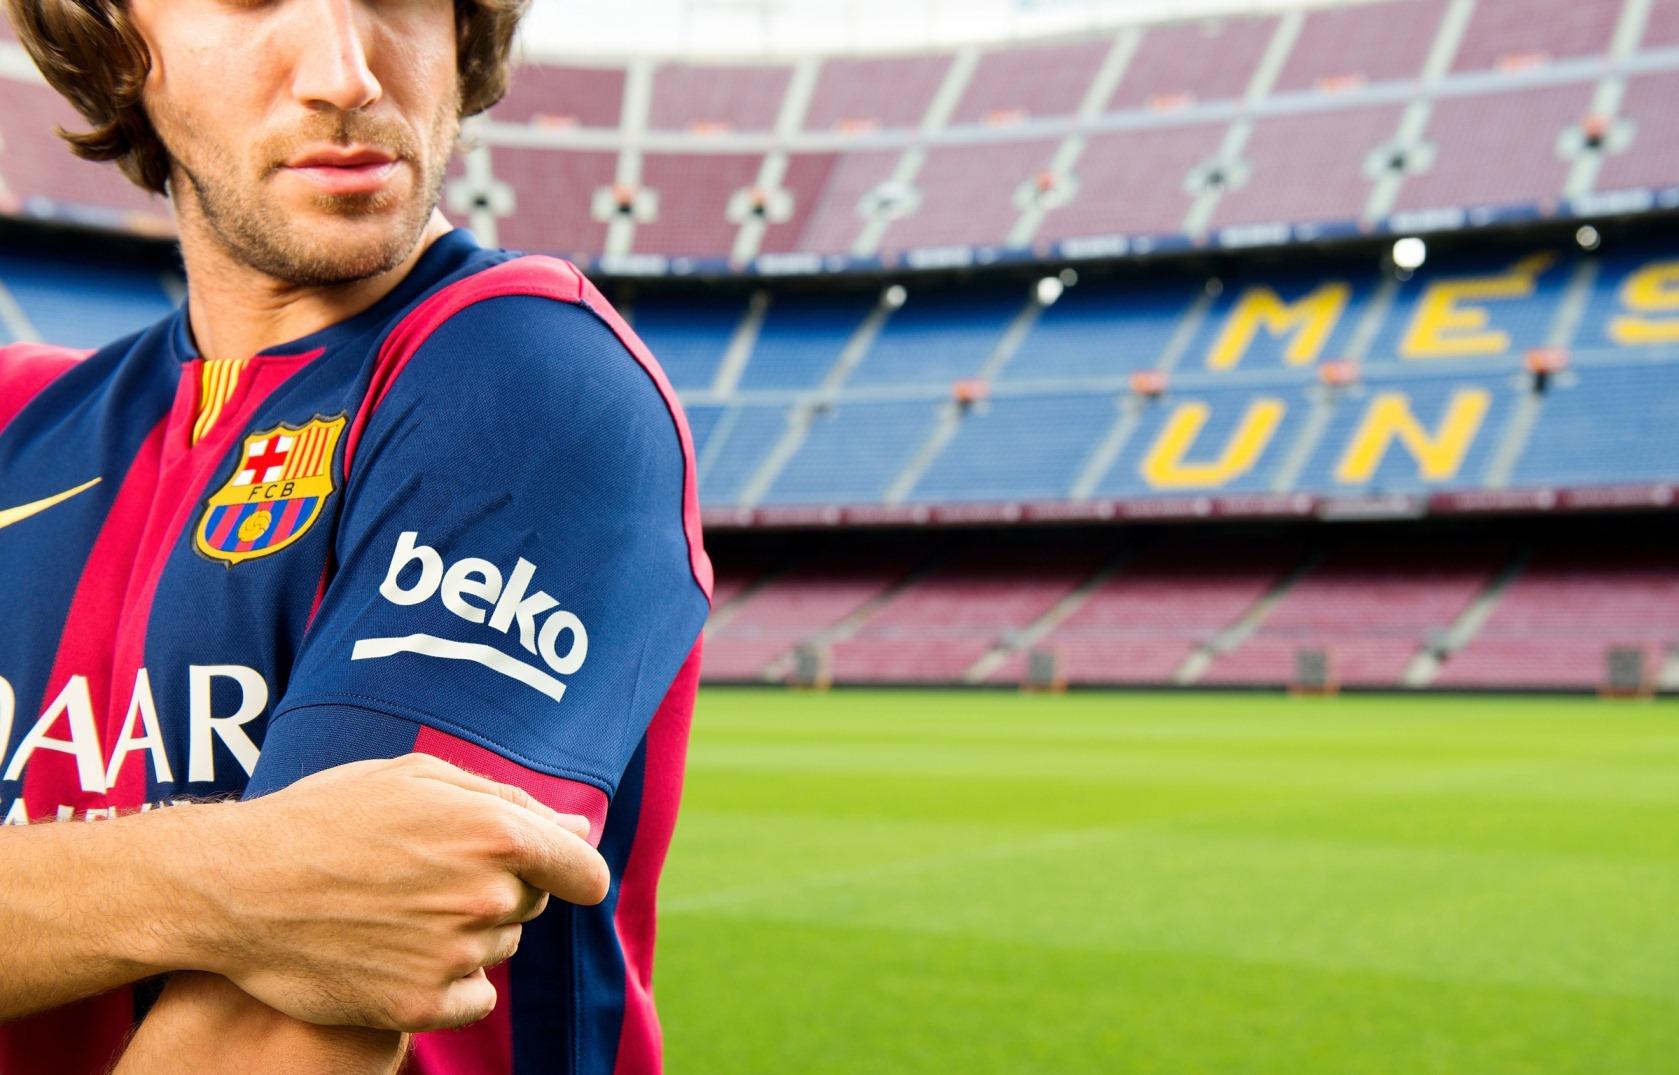 Beko Barcelona'ya Sponsor Olmaya Devam Edecek